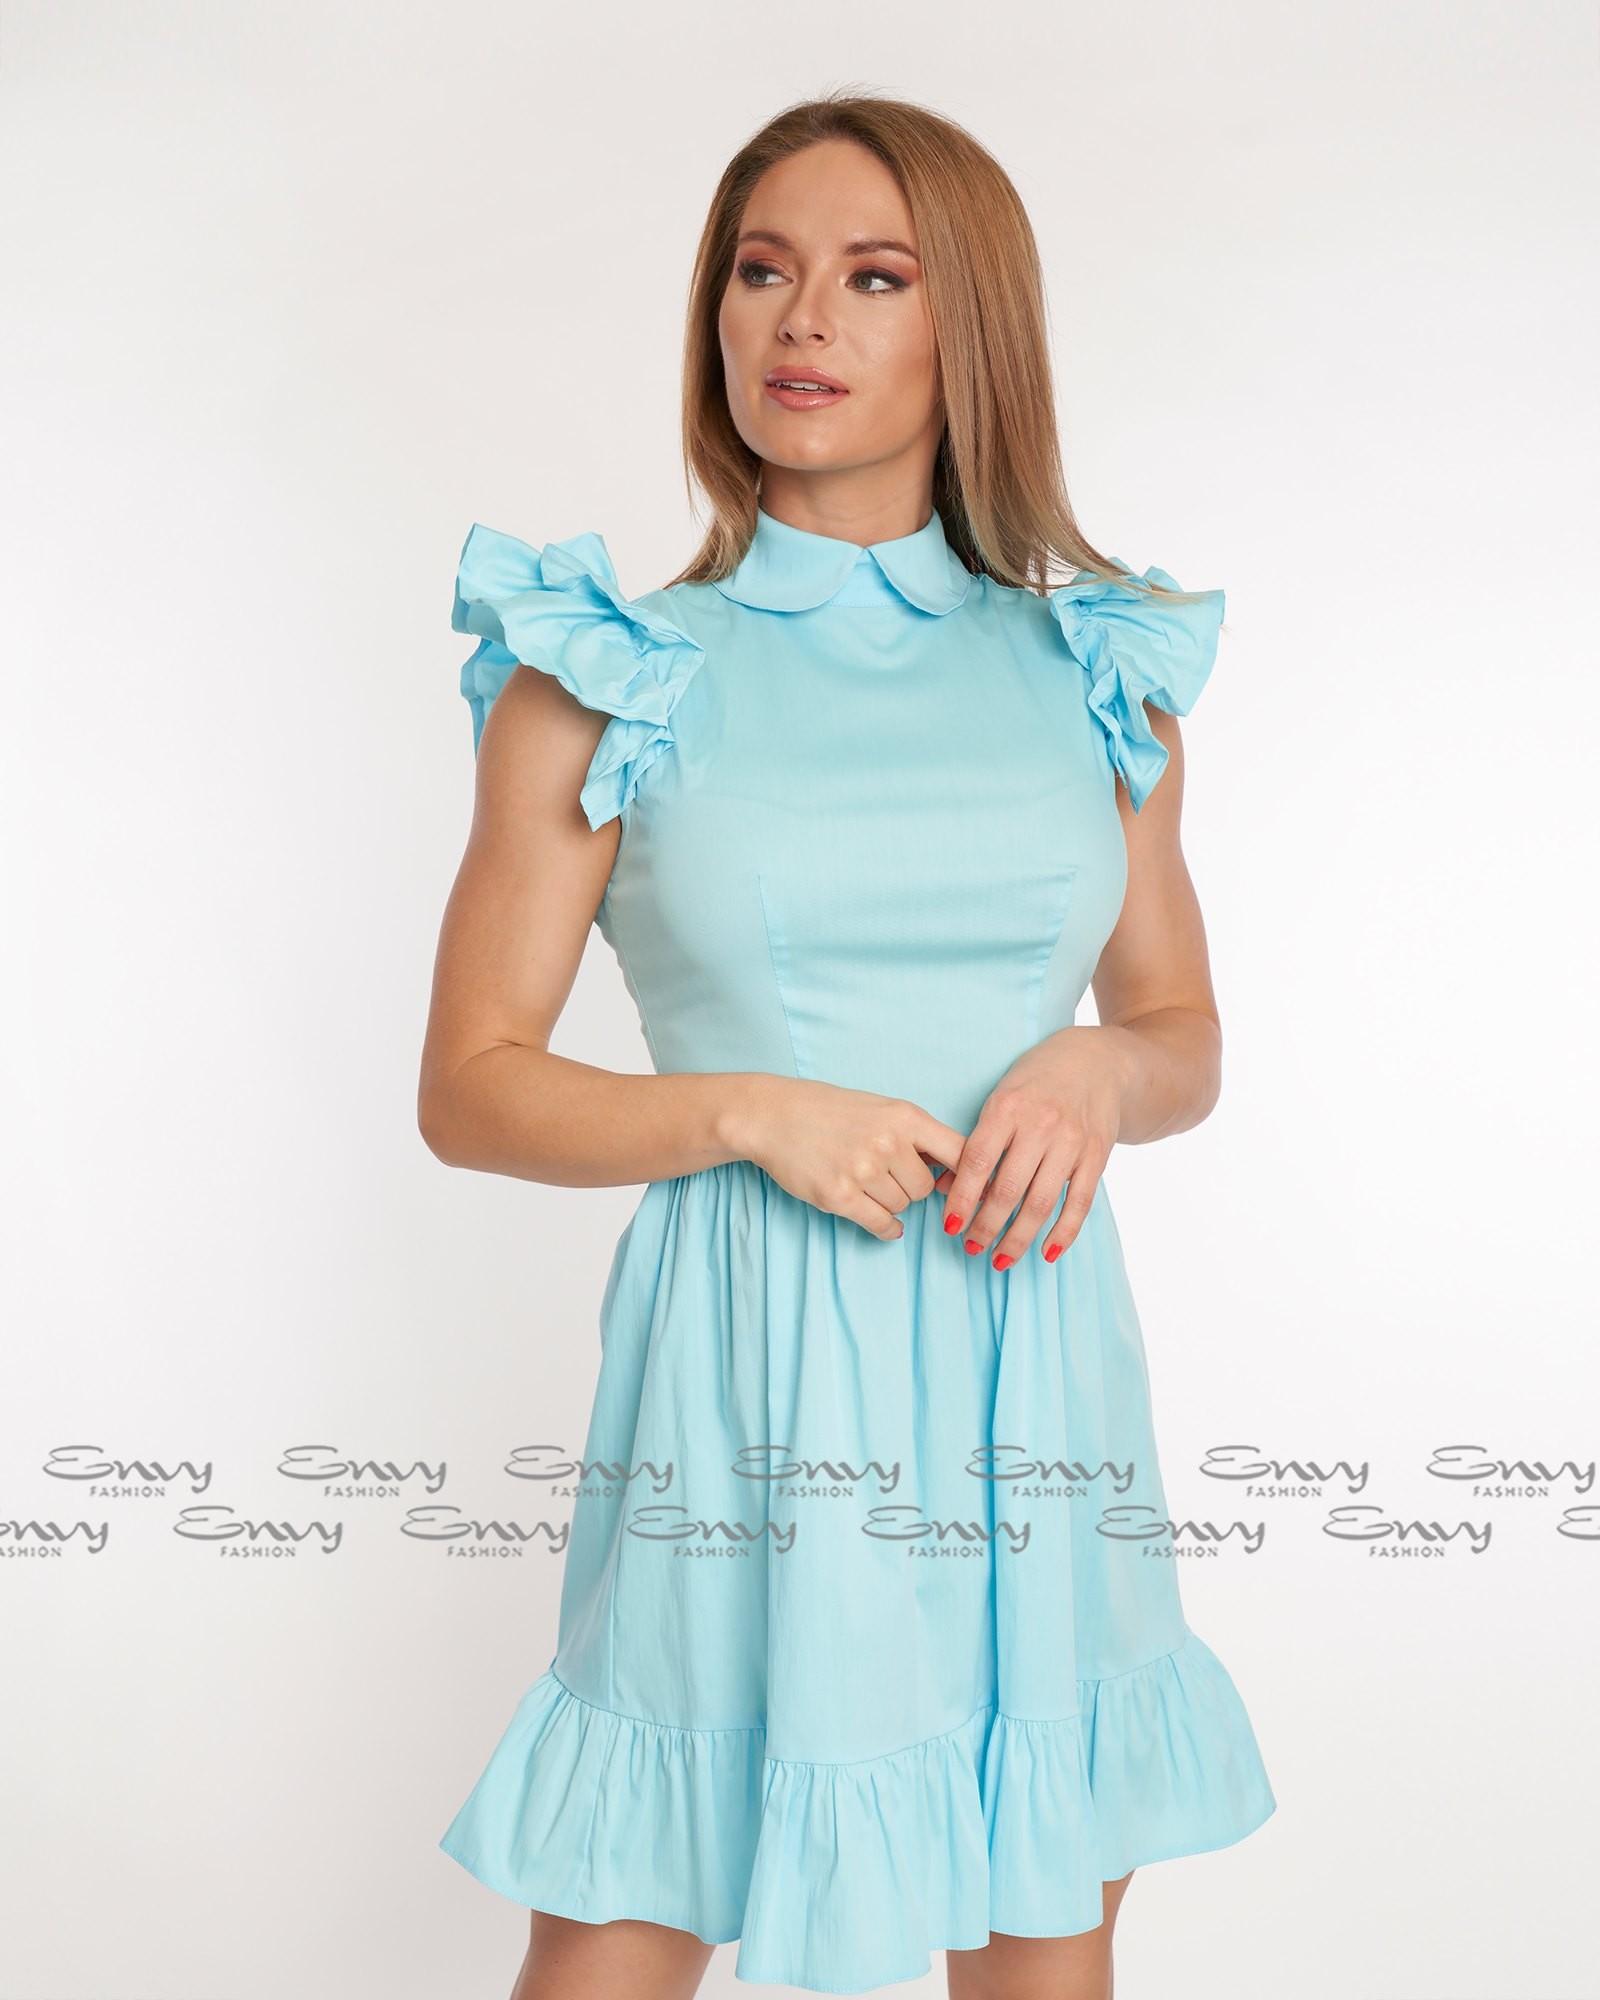 Envy ruha 204 | Outlet -70 %-ig